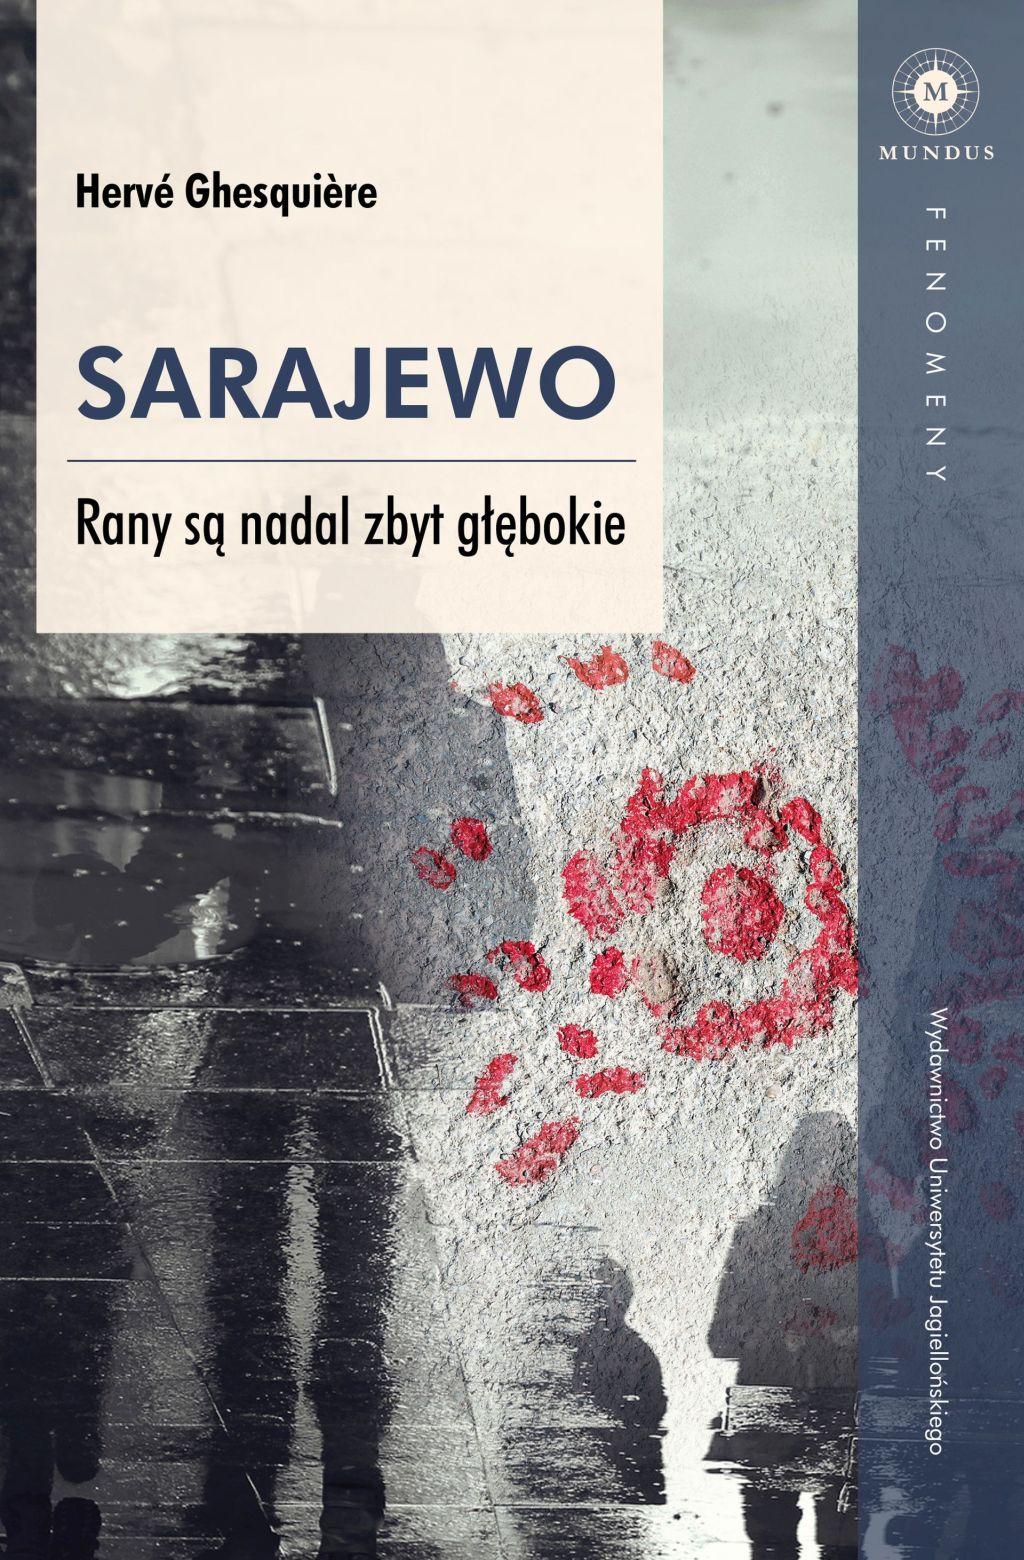 """Hervé Ghesquière, """"Sarajewo. Rany są nadal zbyt głębokie"""" (źródło: materiały prasowe wydawcy)"""